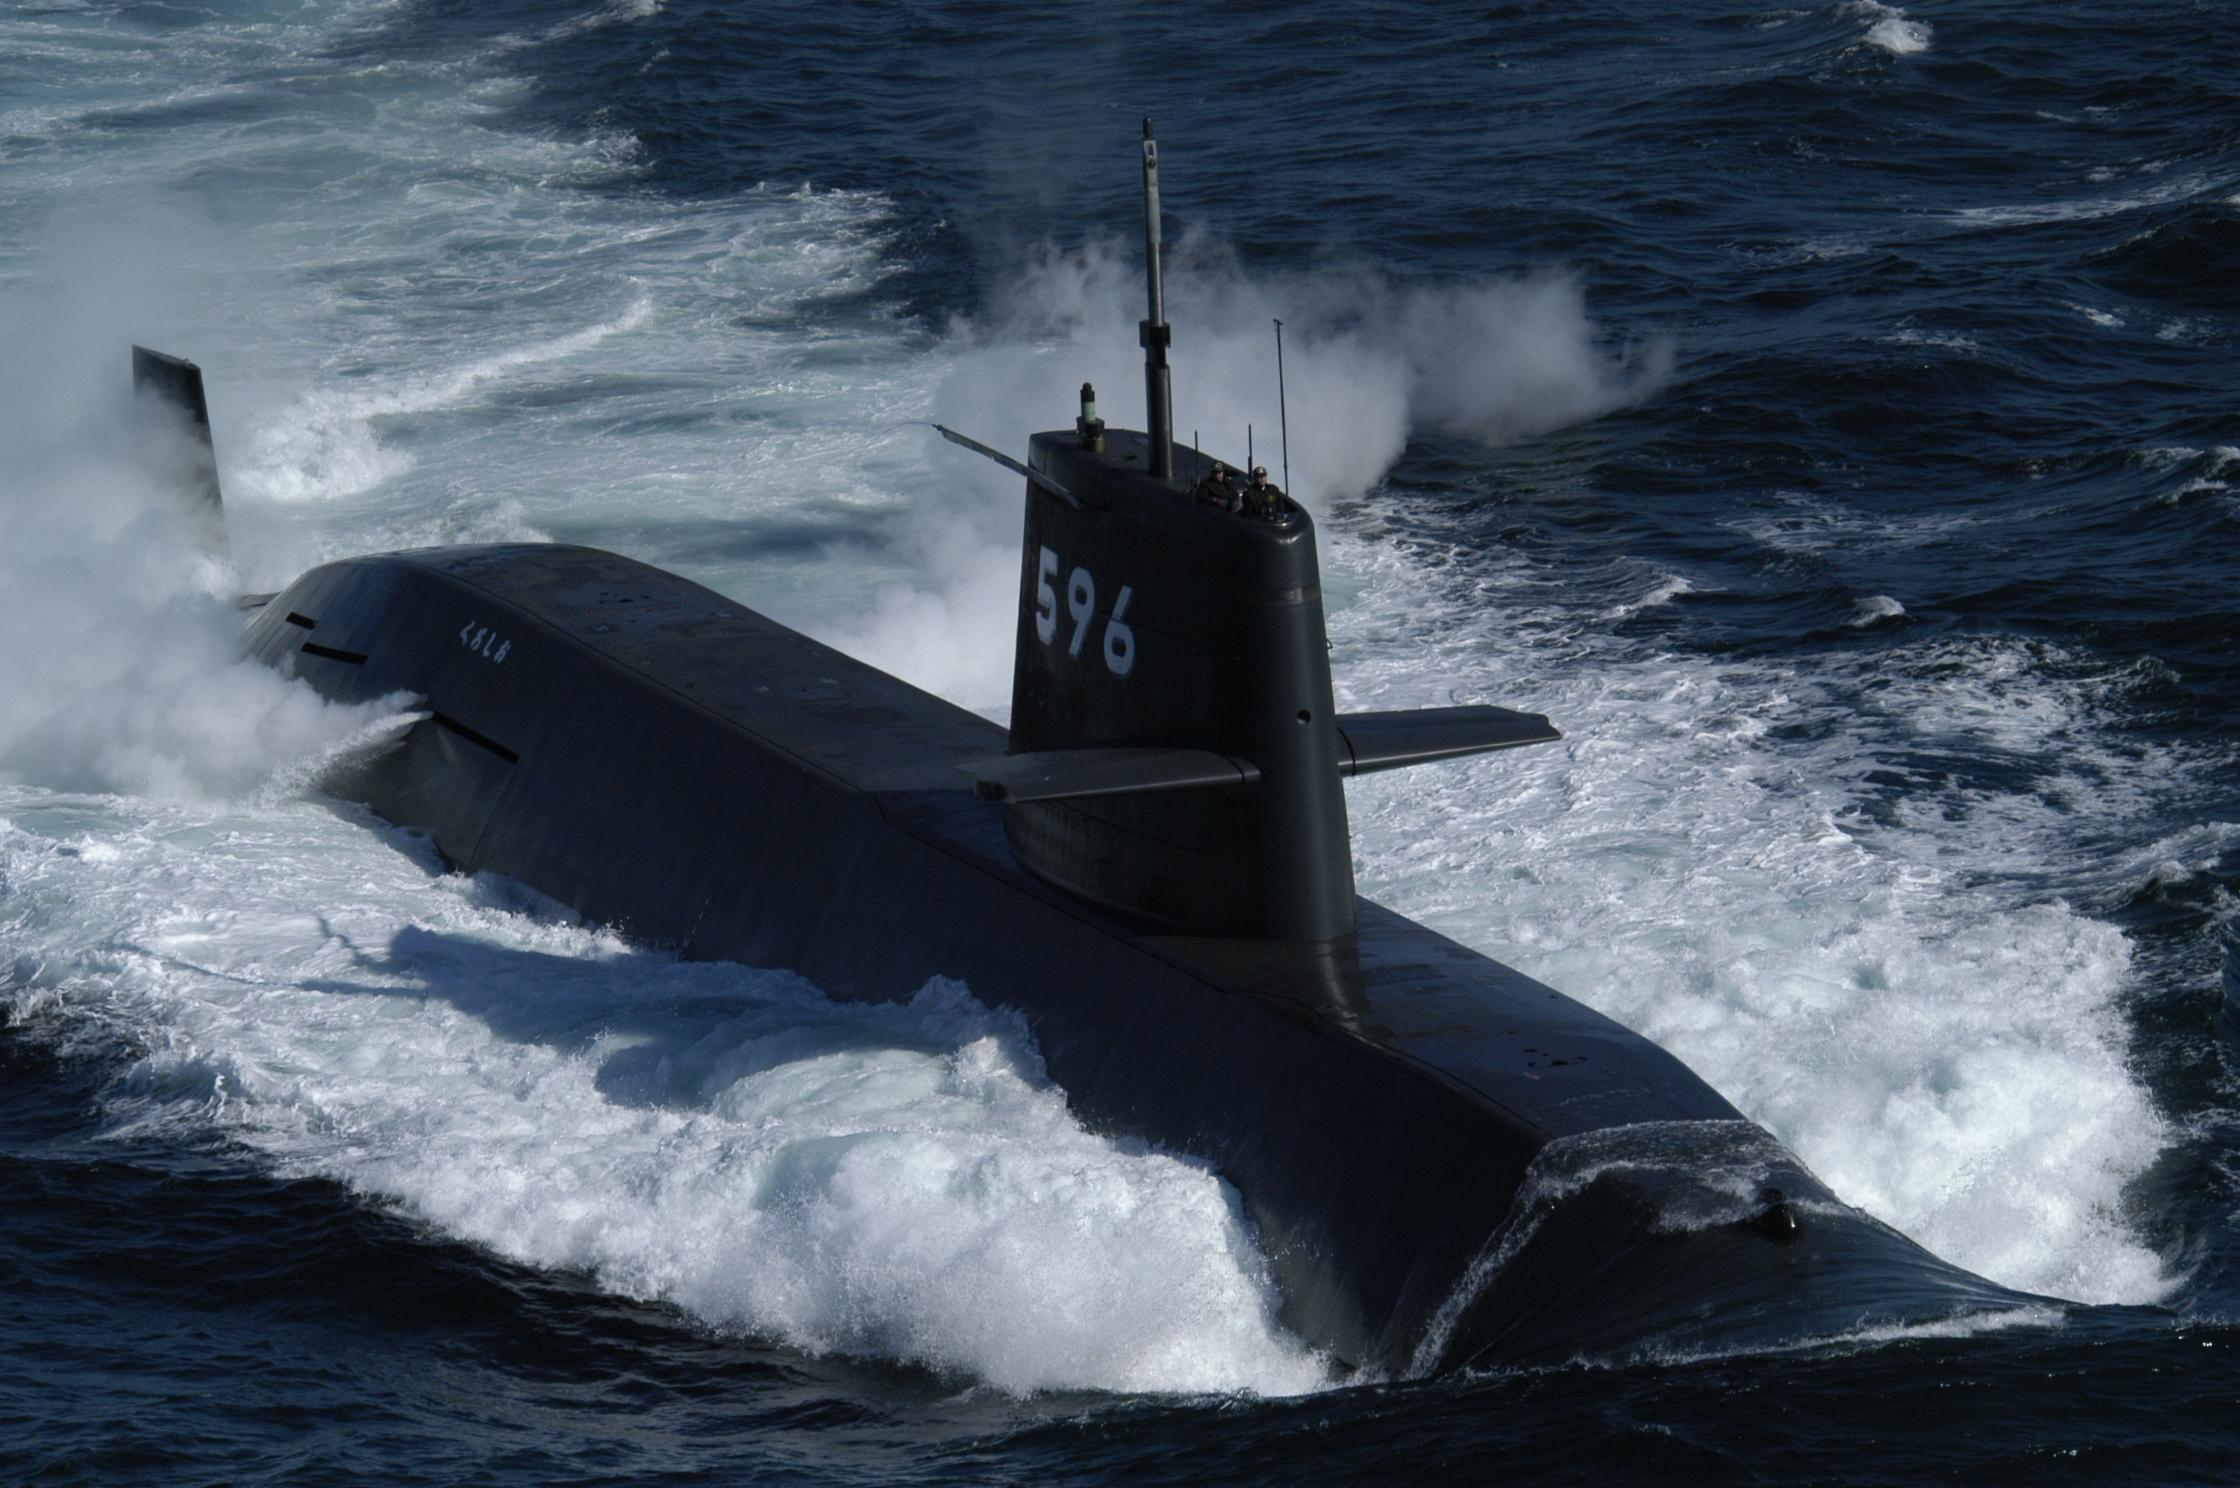 潜水艦「おやしお」型|潜水艦|装備品|海上自衛隊 〔JMSDF〕 オフィシャルサイト